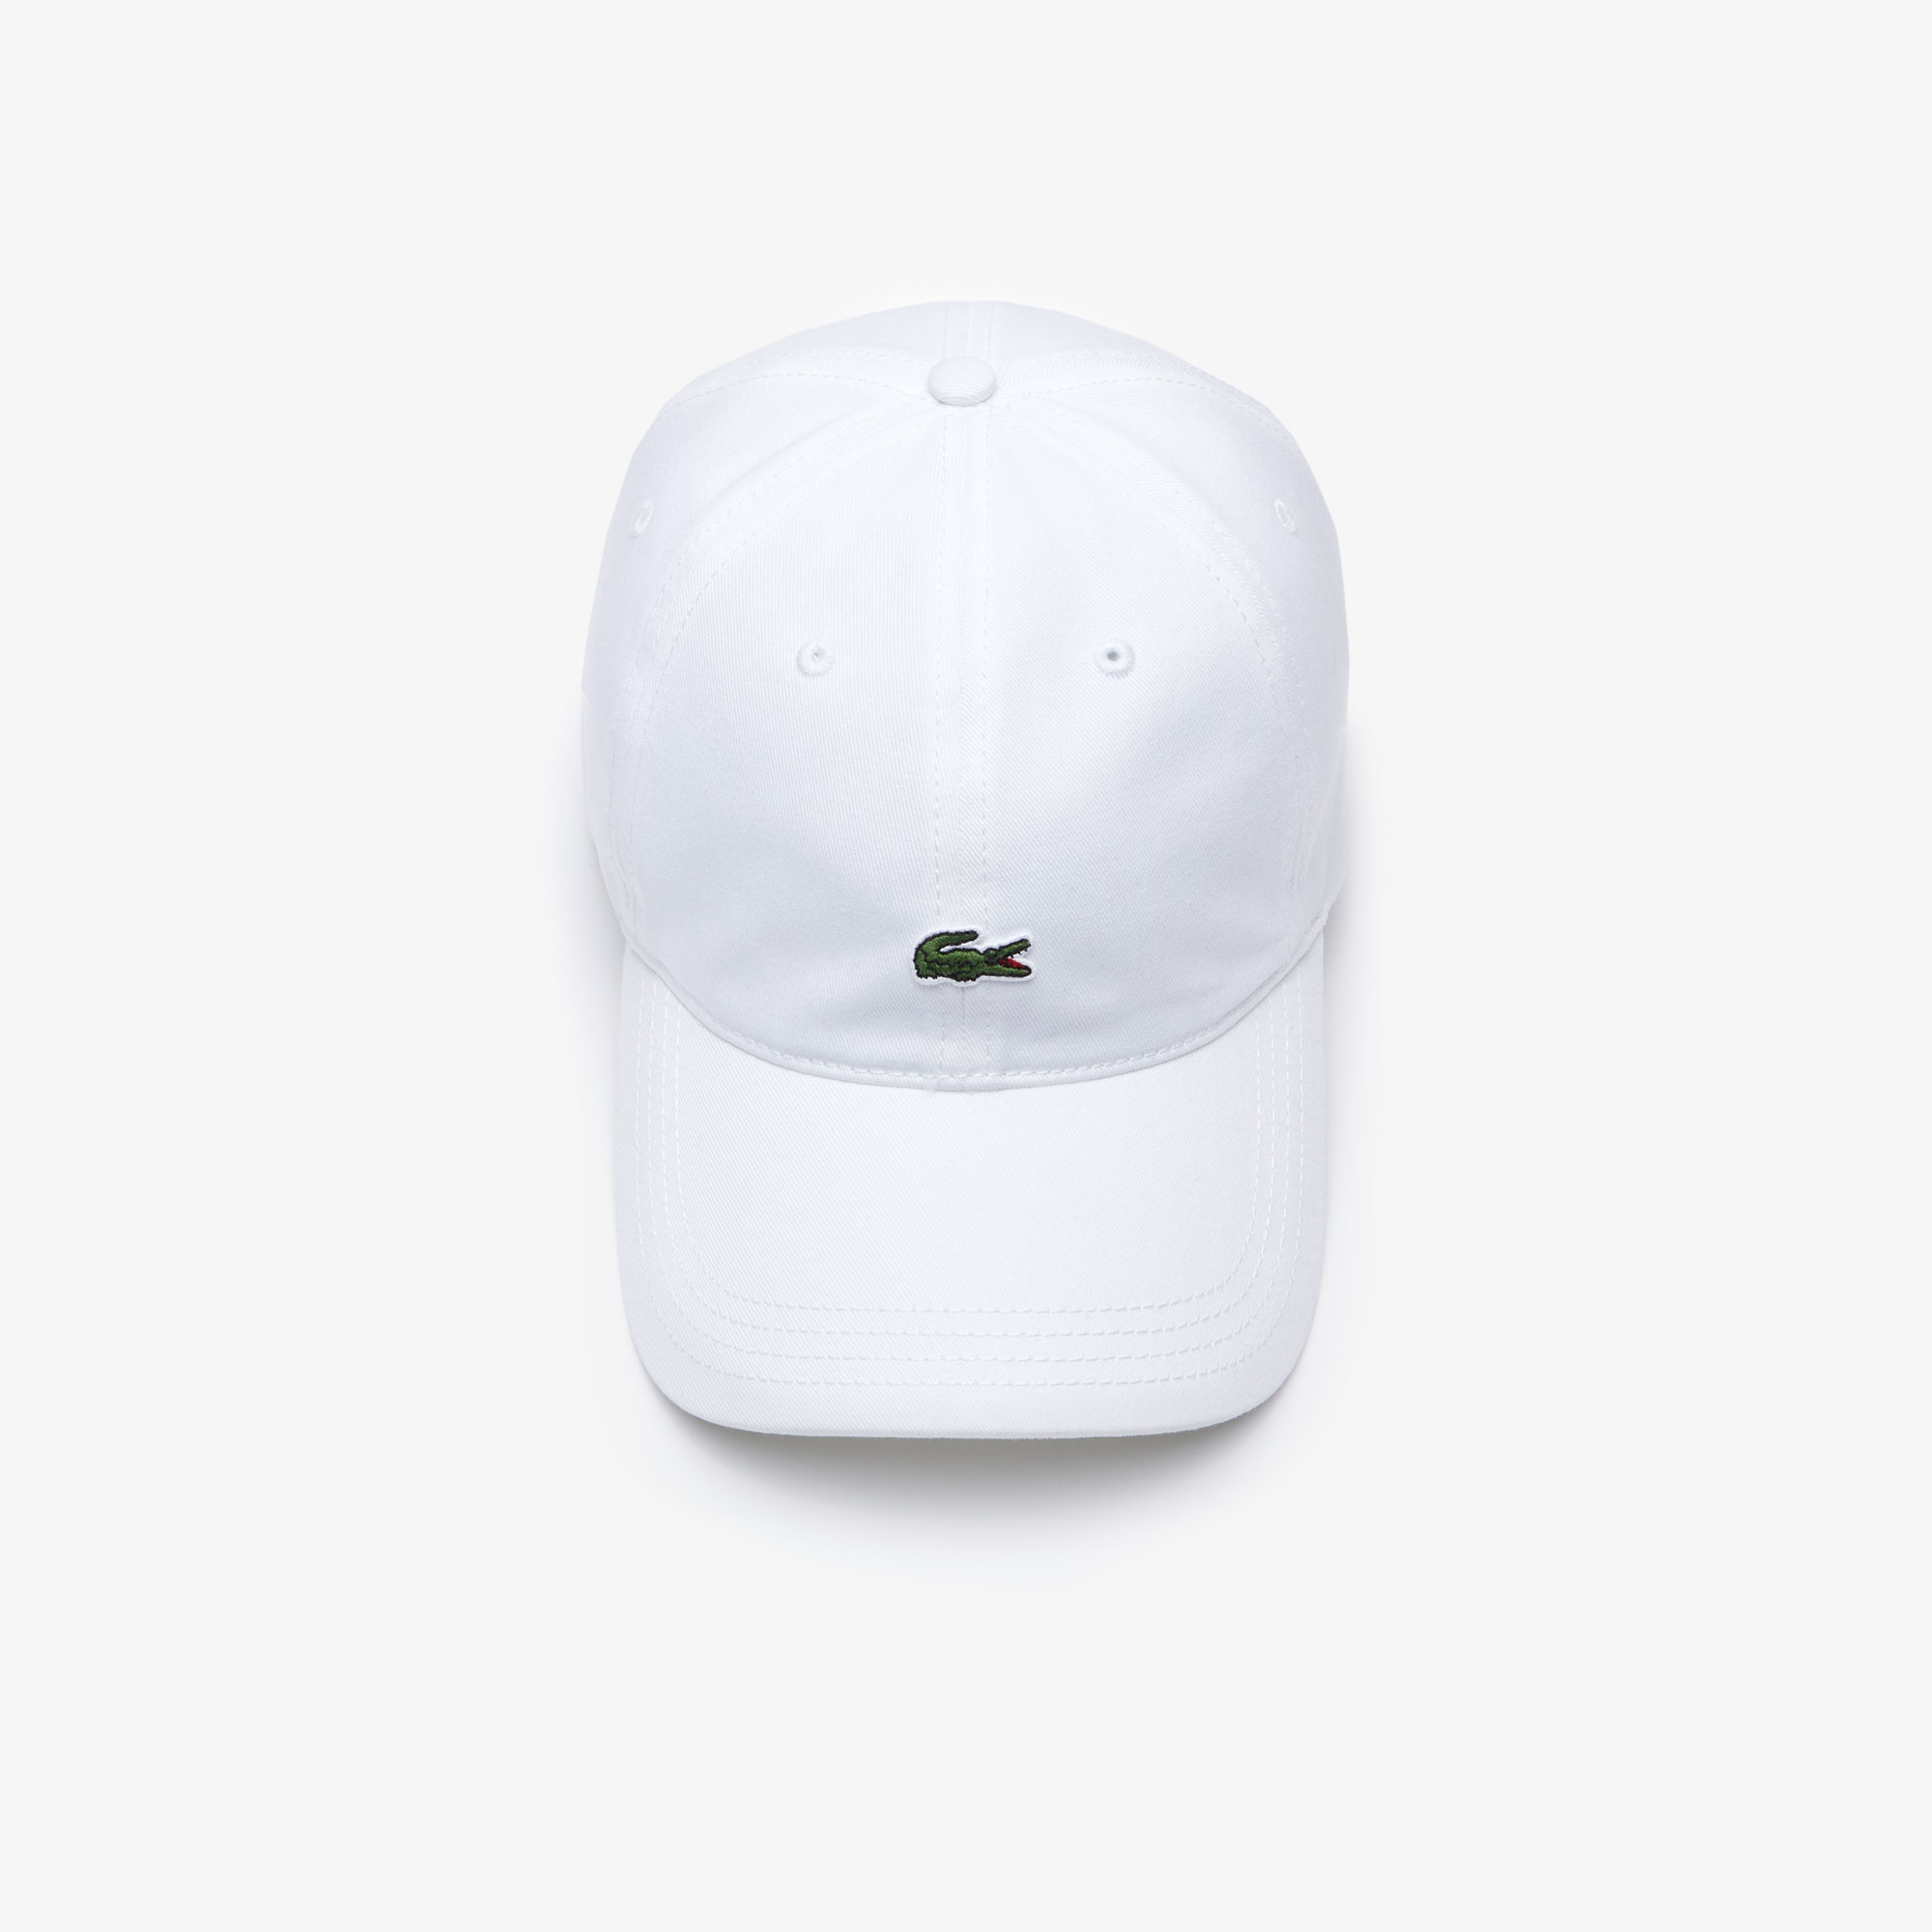 Lacoste Sport Contrast Strap & Crocodile cap, white, one size